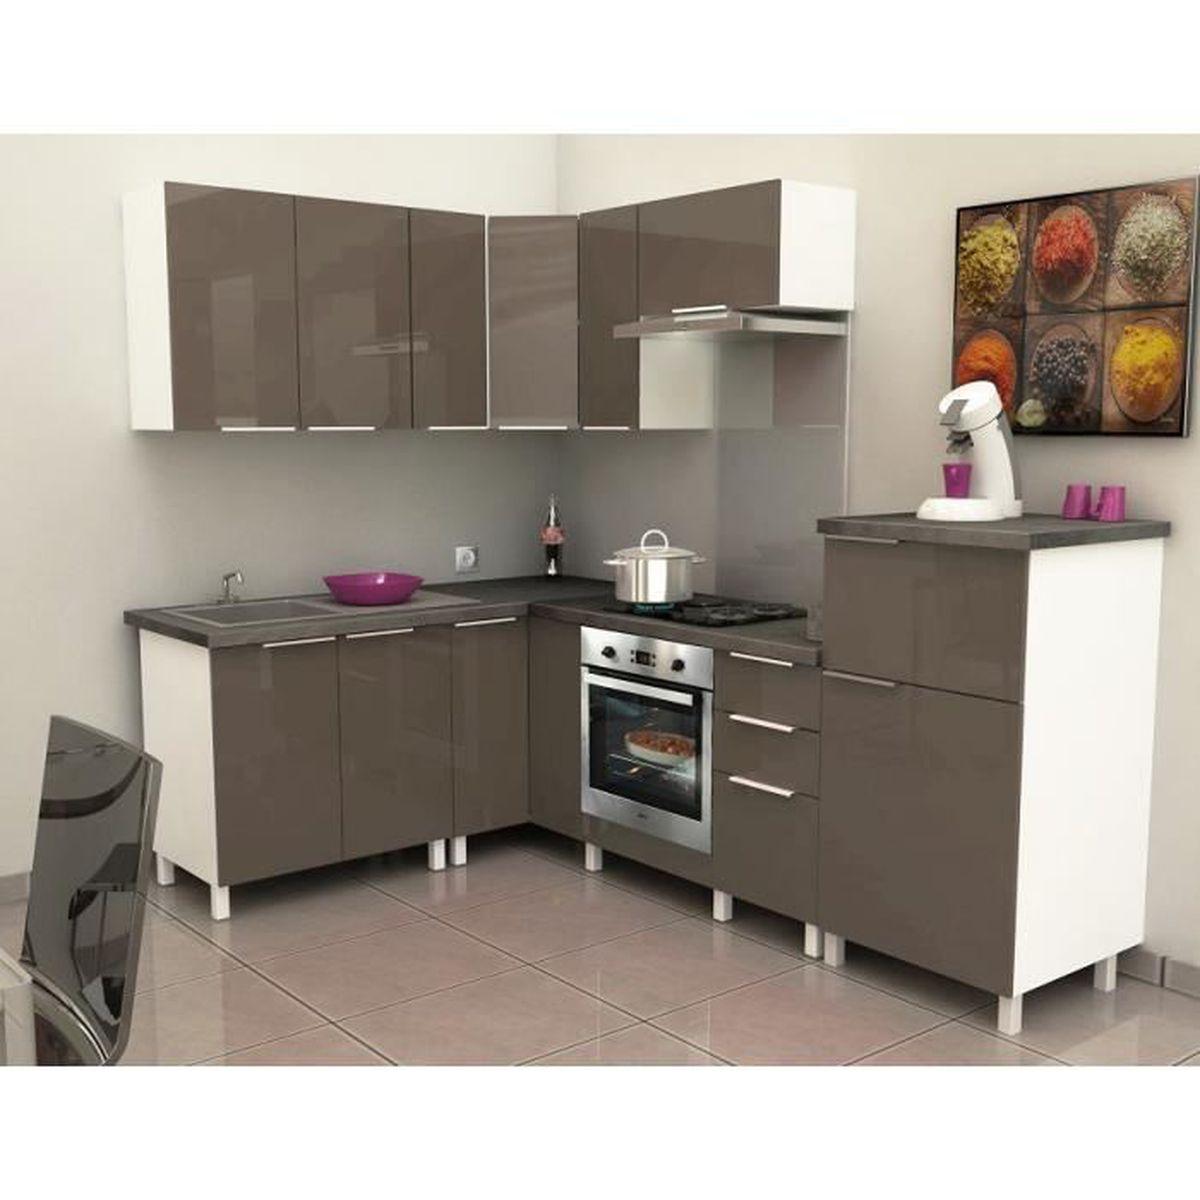 Meuble de cuisine angle haut - 11cm - Taupe - Élément séparé